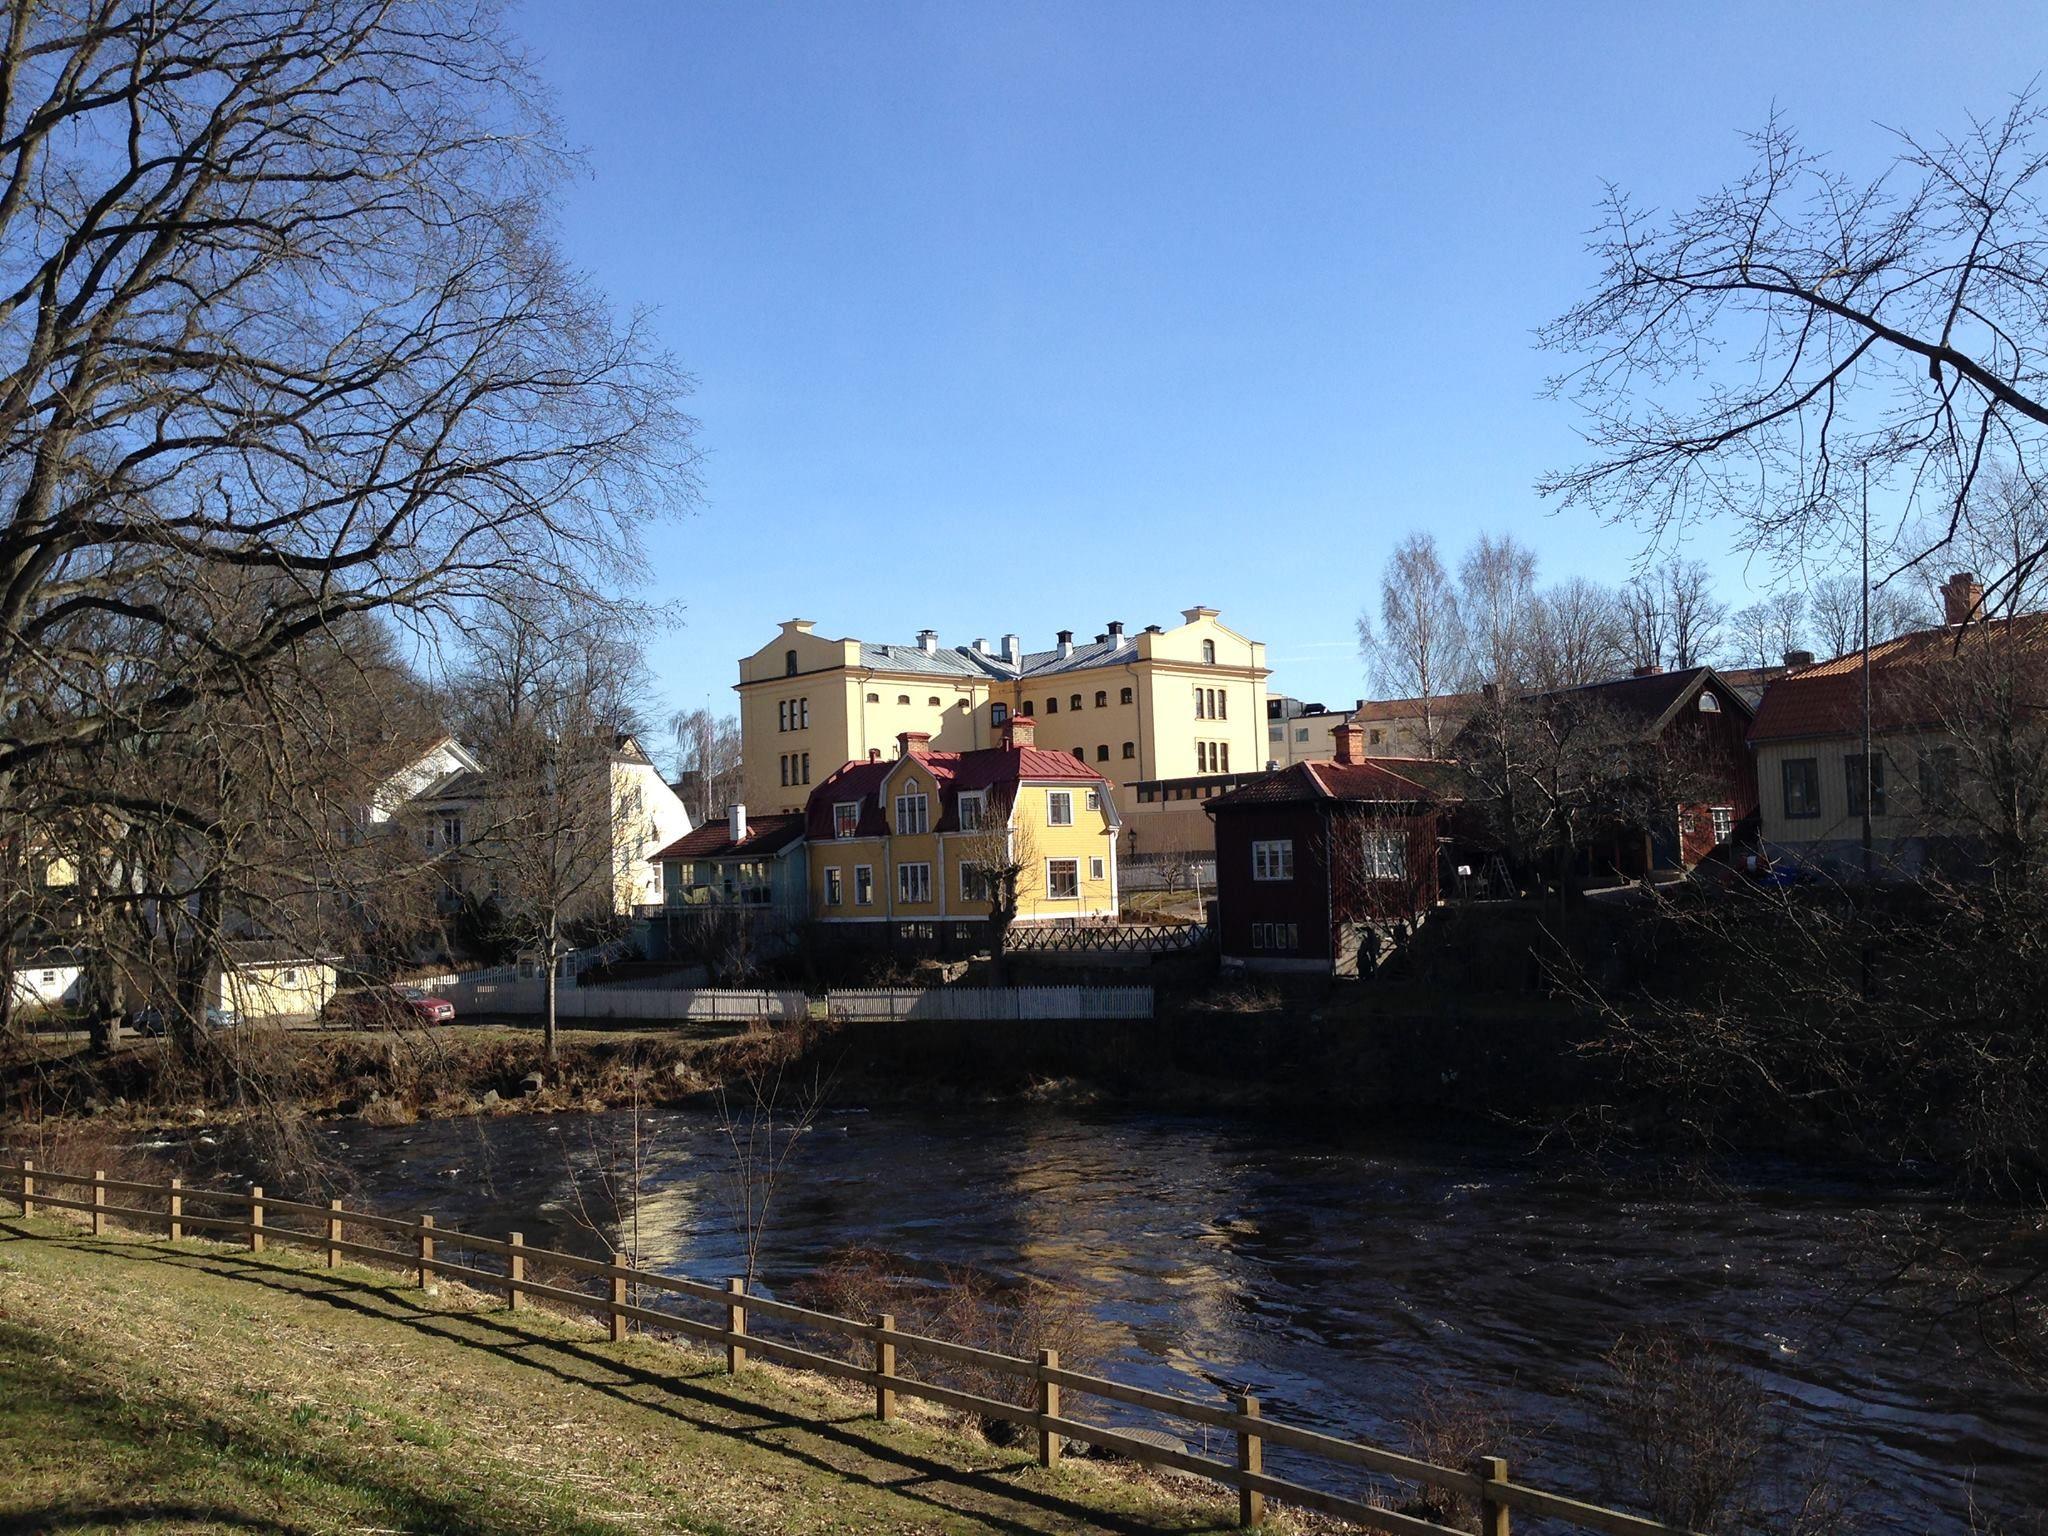 Sveriges Fängelsemuseum 2014. Gävle cellfängelse sett från andra sidan gavleån.